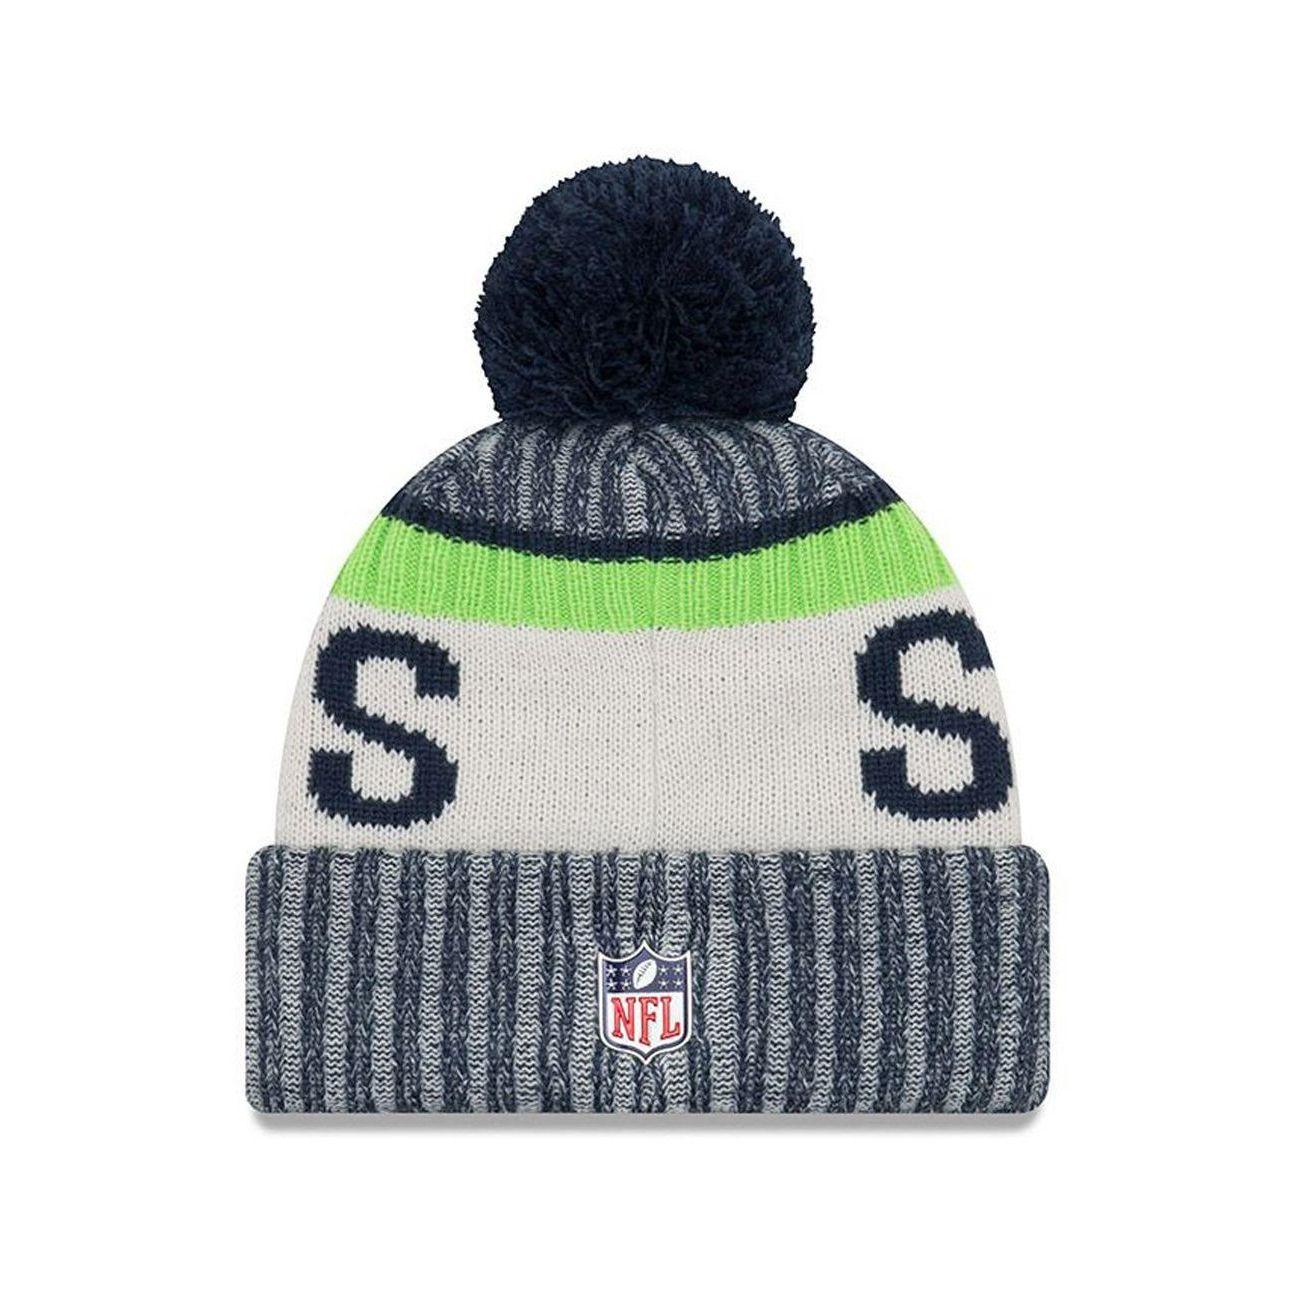 Mode- Lifestyle adulte NEW ERA Bonnet Pompon New Era Seattle Seahawks Doublé Polaire NFL On Field Sport Knit